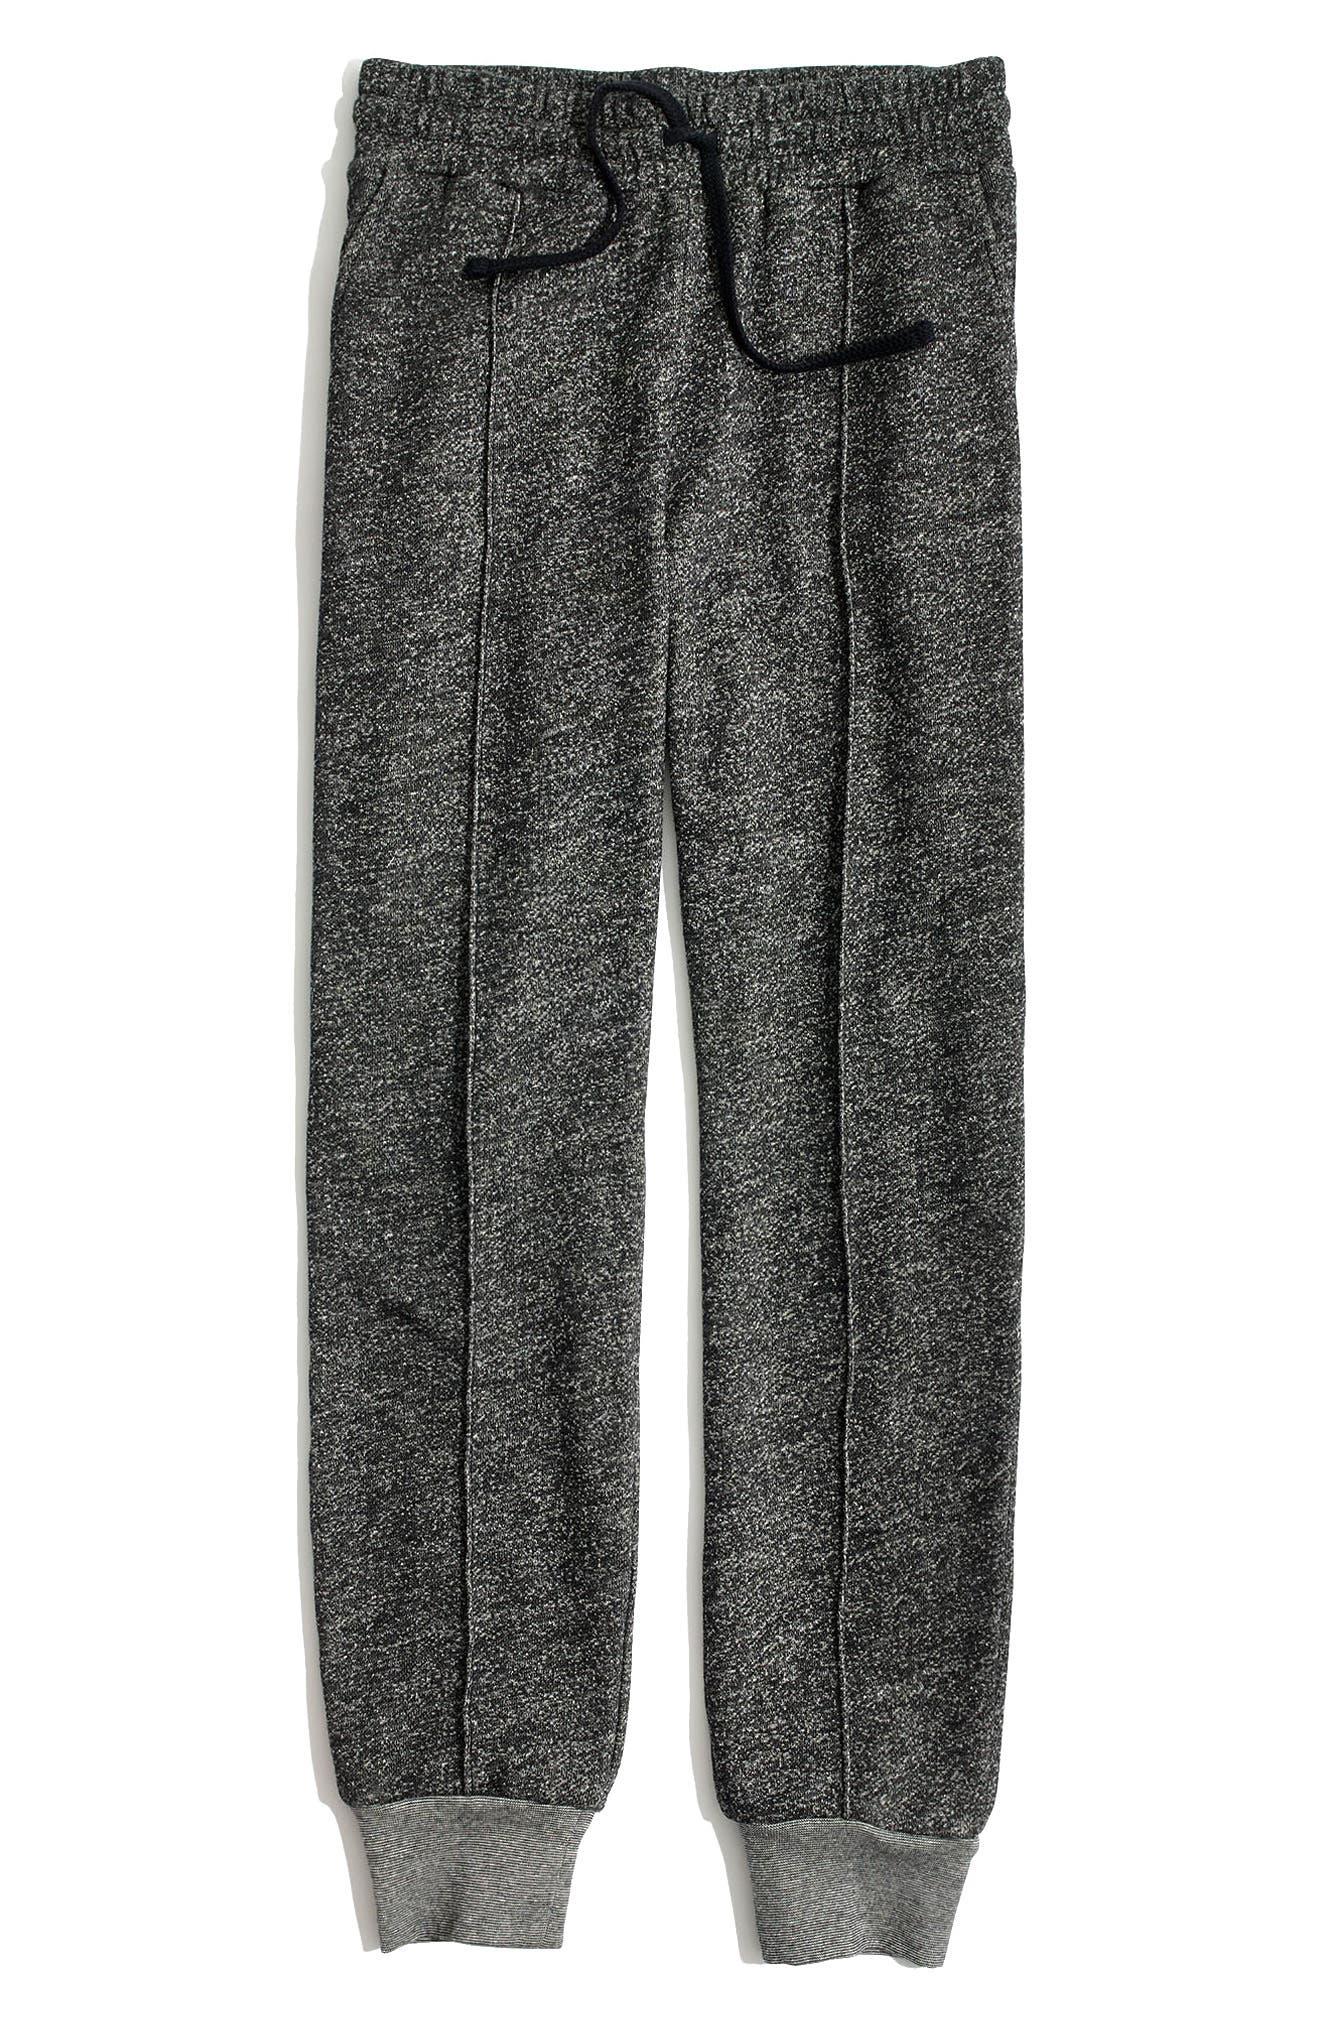 Pintuck Slim Fit Sweatpants,                             Main thumbnail 1, color,